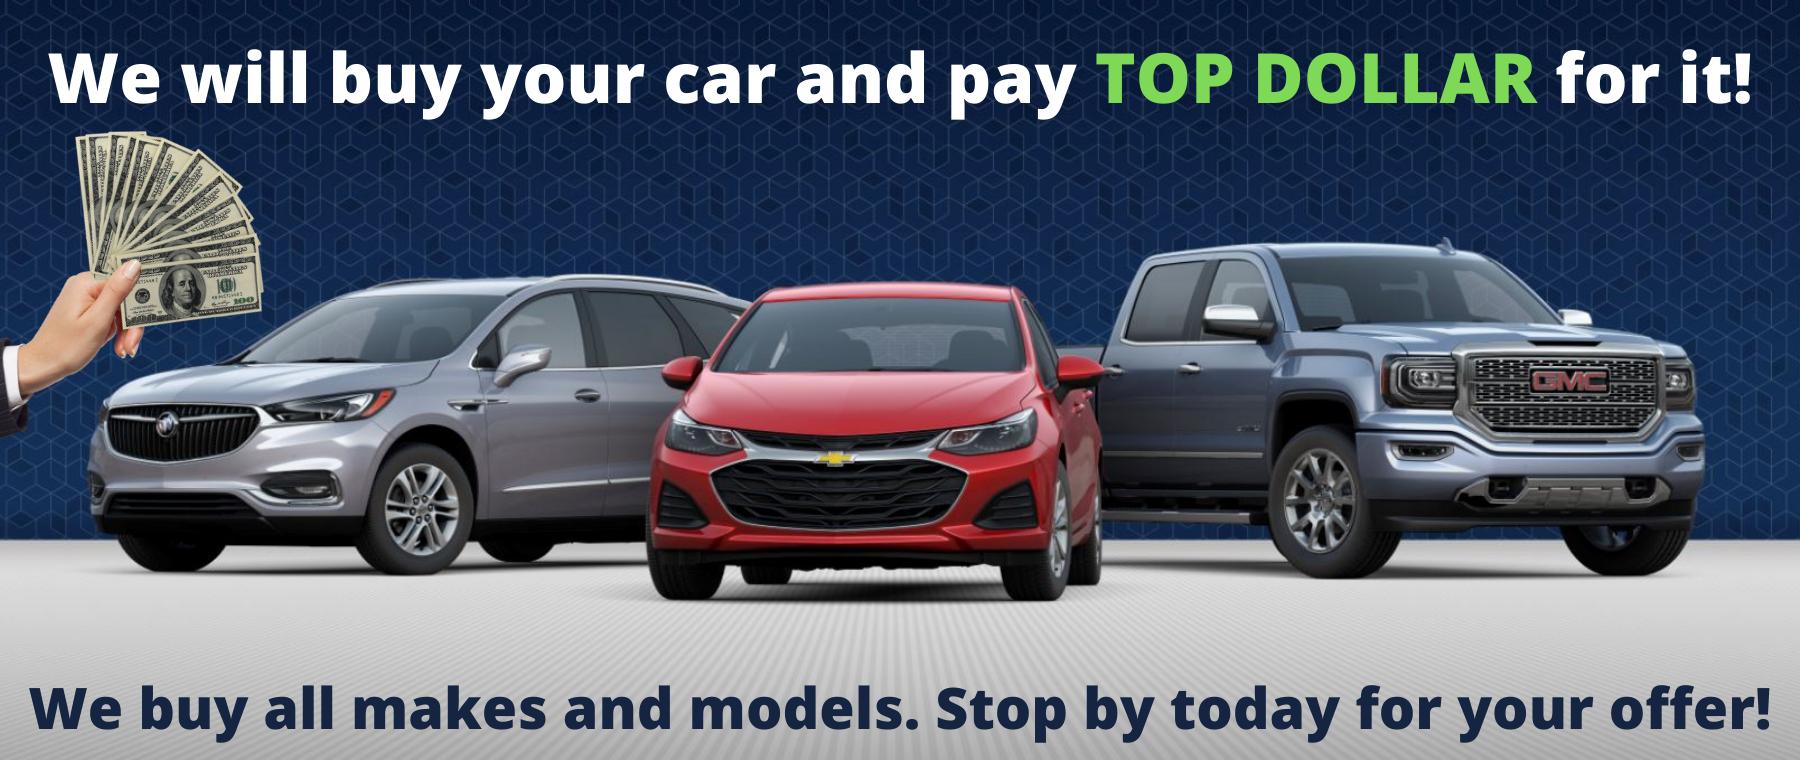 We Buy Cars Desktop Hero Slide